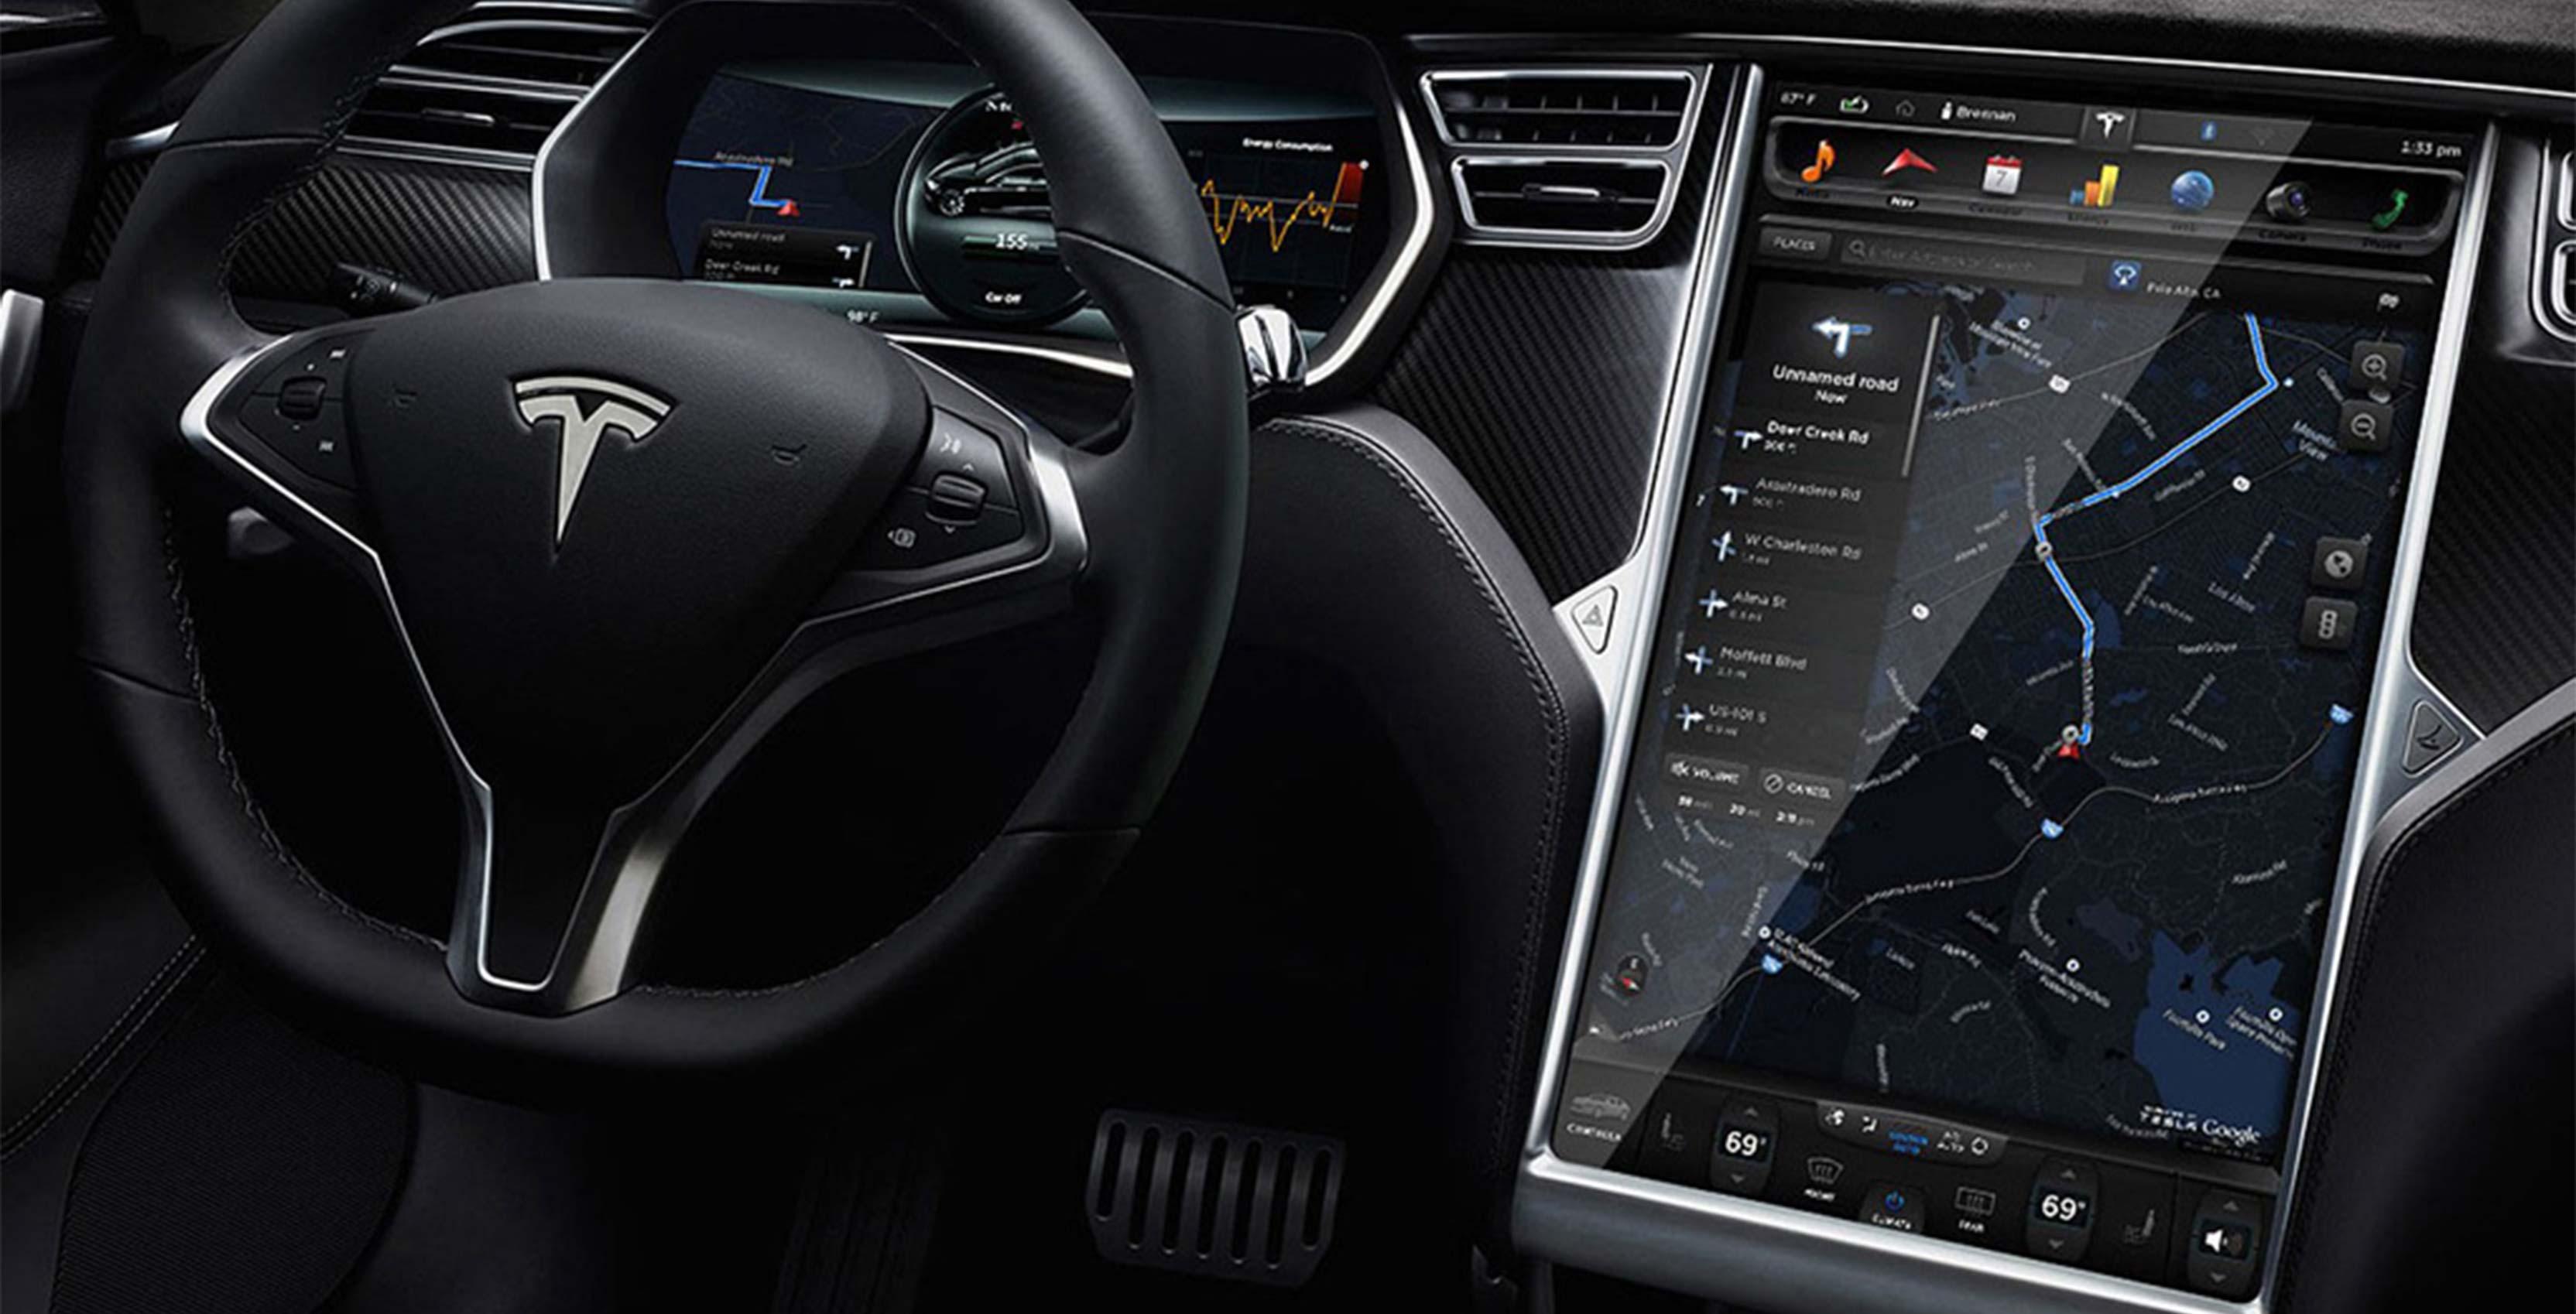 Tesla's next major software update is due in August